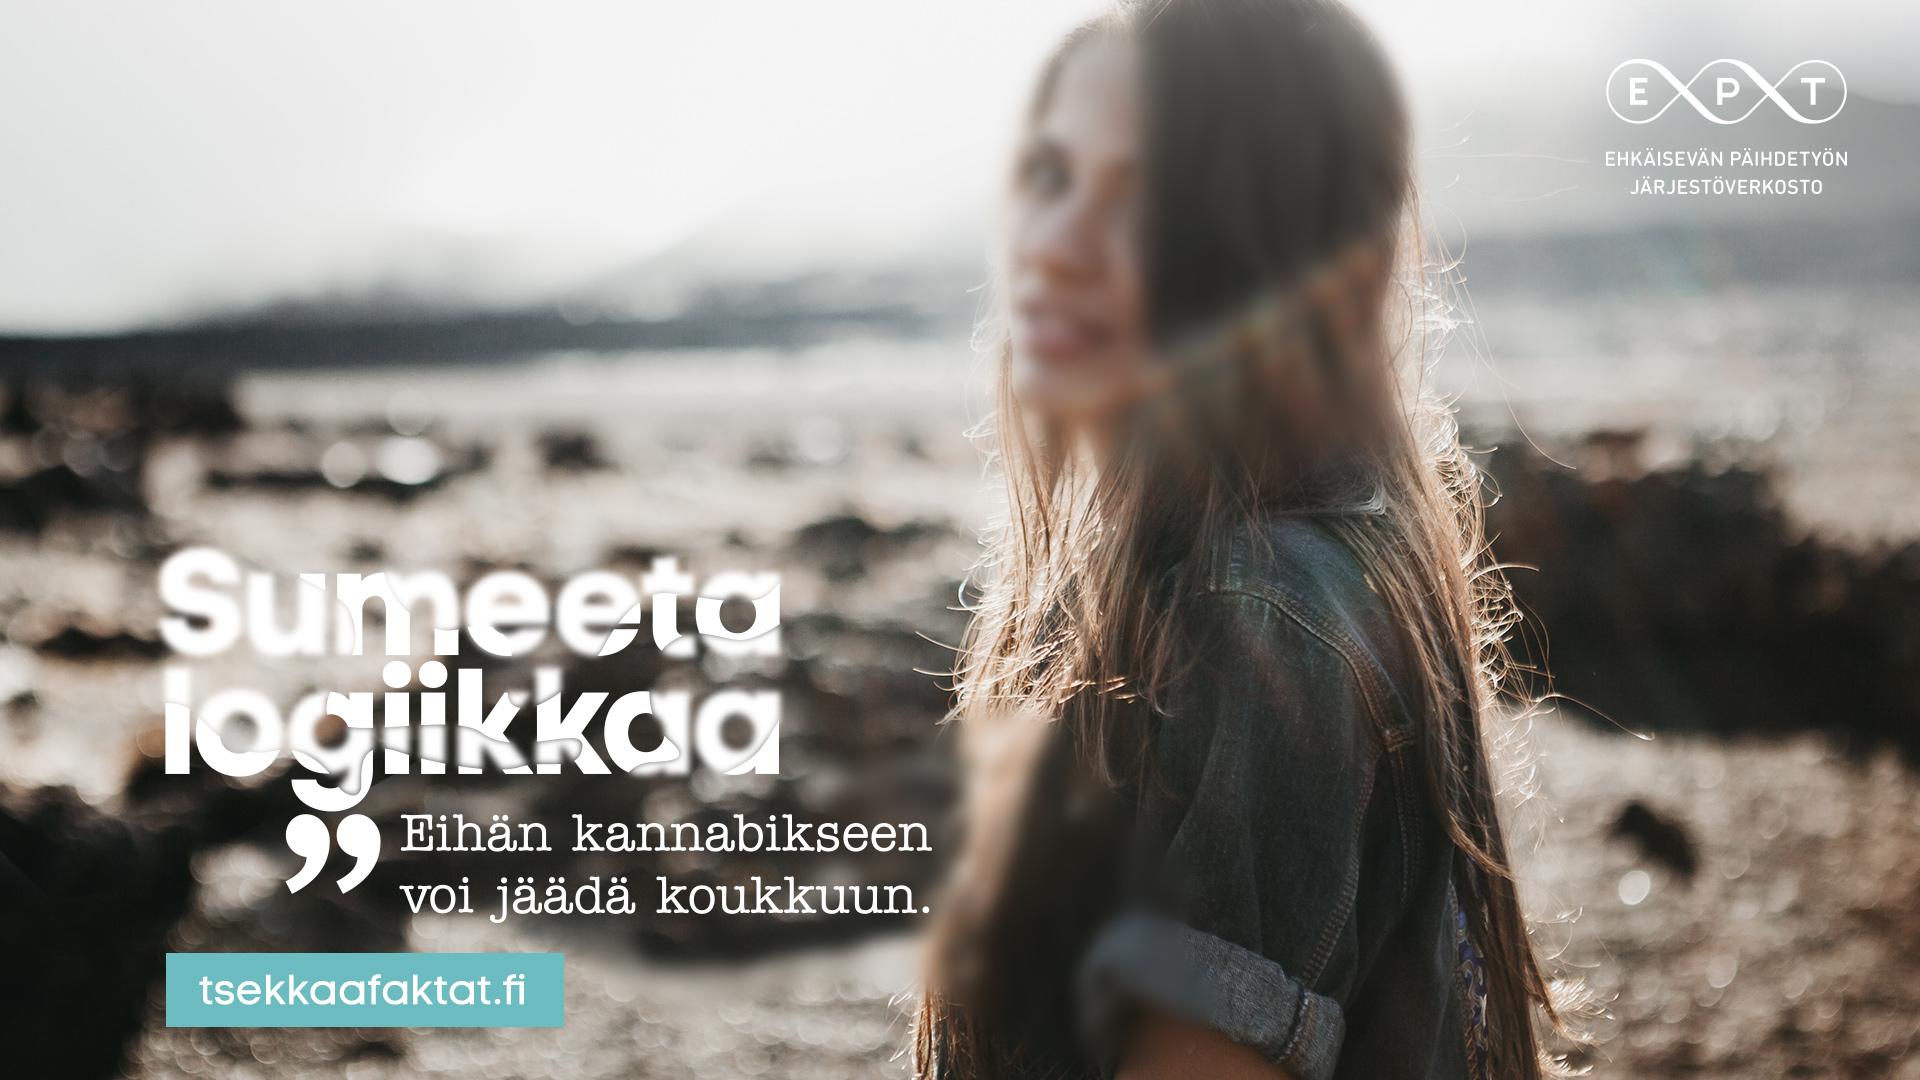 """Nuori nainen meren rannalla ja teksti: Sumeeta logiikkaa """"Eihän kannabikseen voi jäädä koukkuun"""". Tsekkaafaktat.fi."""